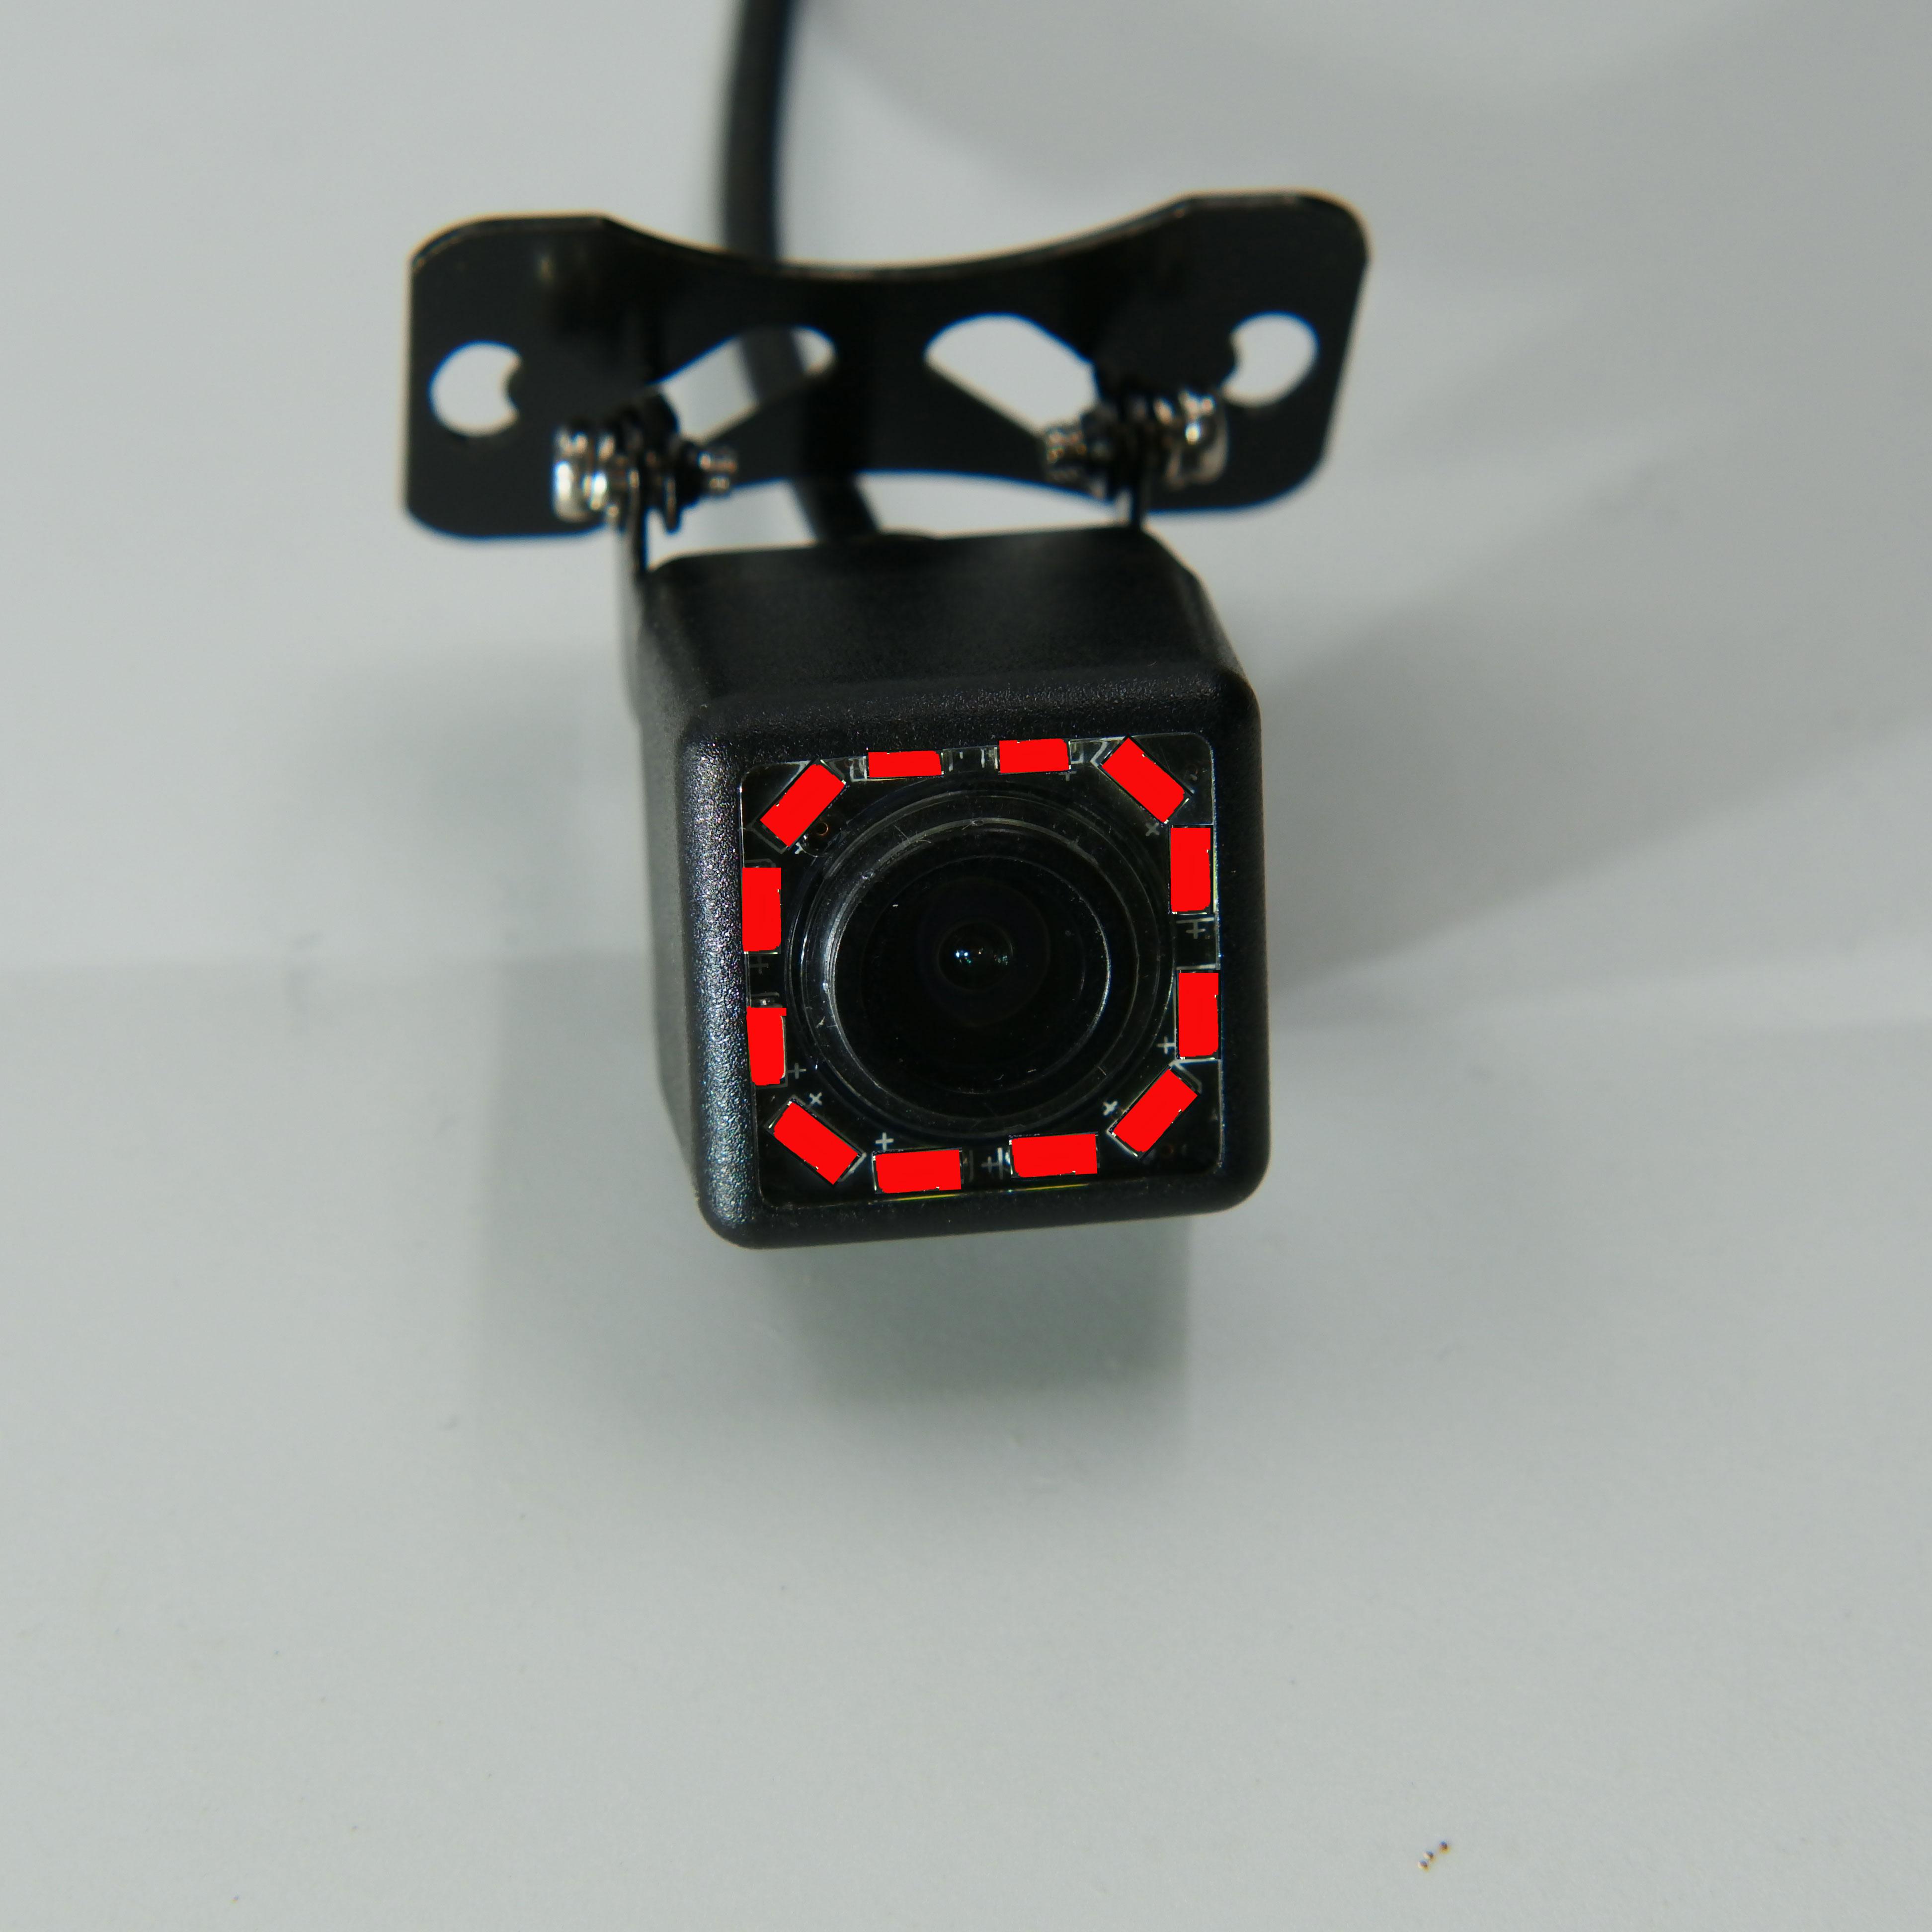 BYNCG Автомобильная камера заднего вида Универсальная 12 Светодиодный ночного видения дублирующая для парковки заднего вида камера Водонепроницаемая 170 широкоугольная HD цветное изображение - Название цвета: Белый